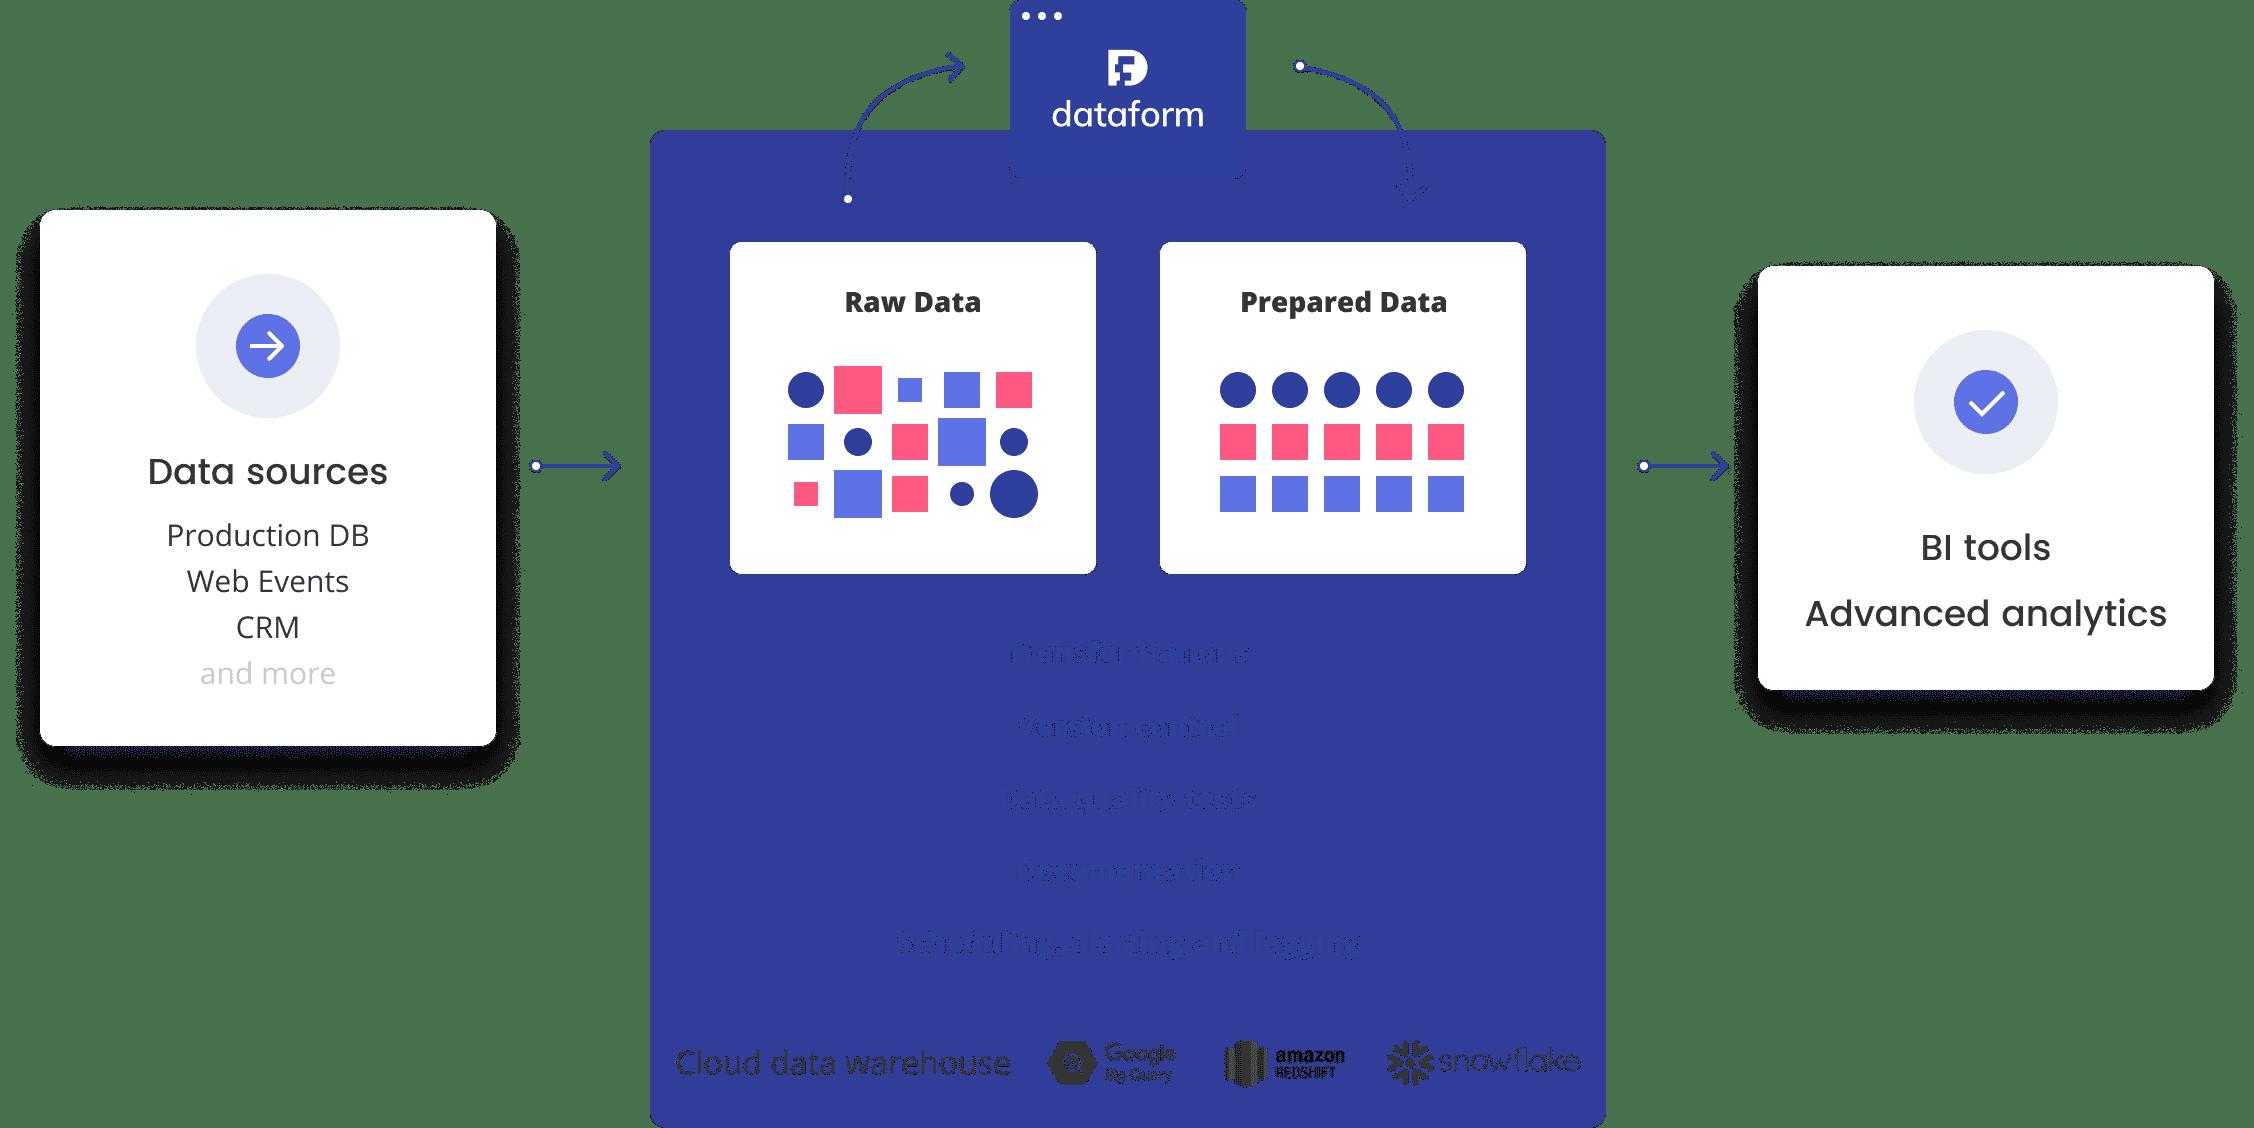 Dataform